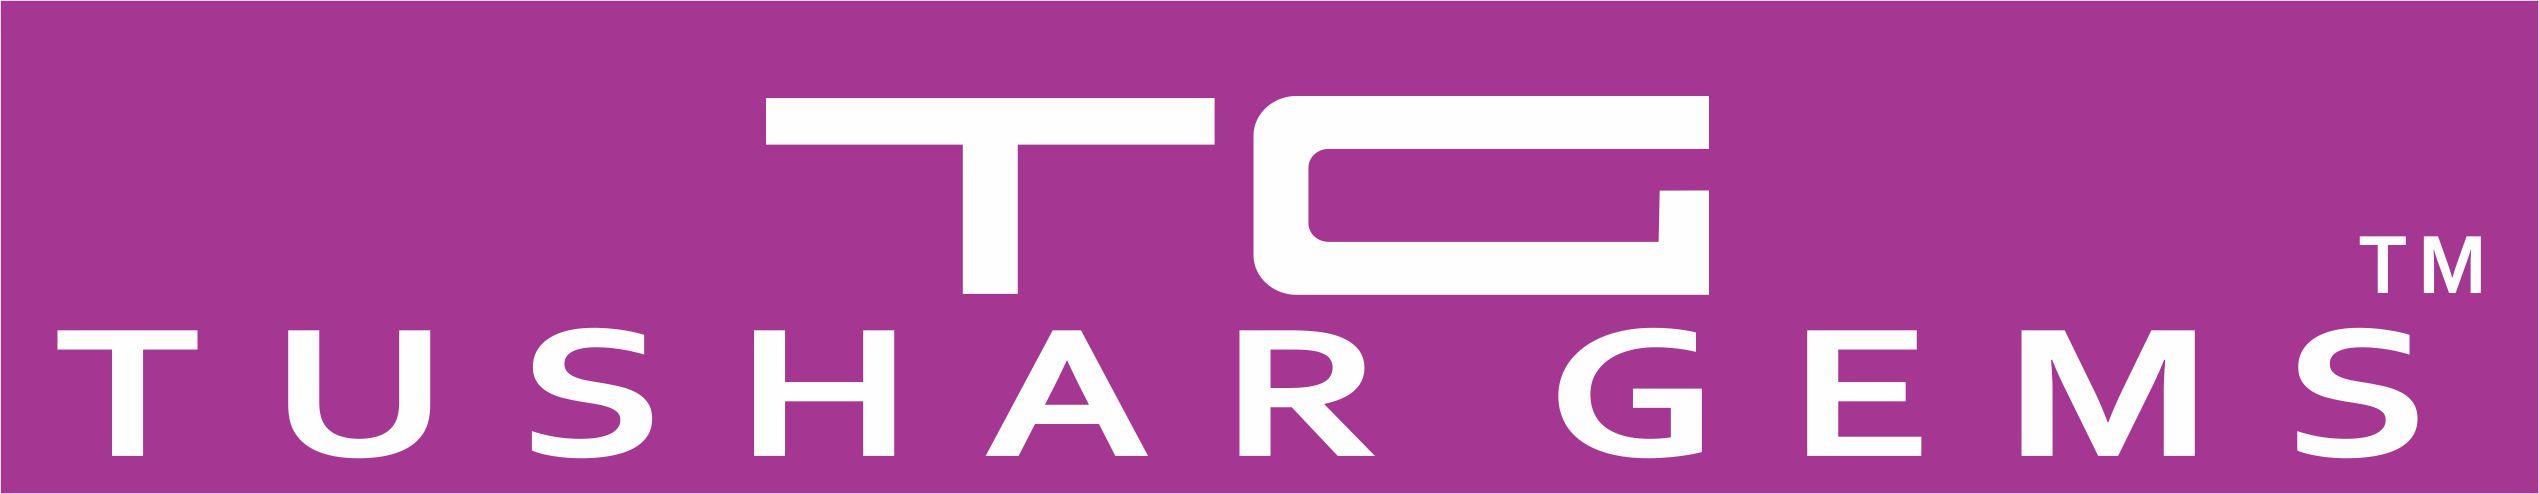 Tushar Gems - logo